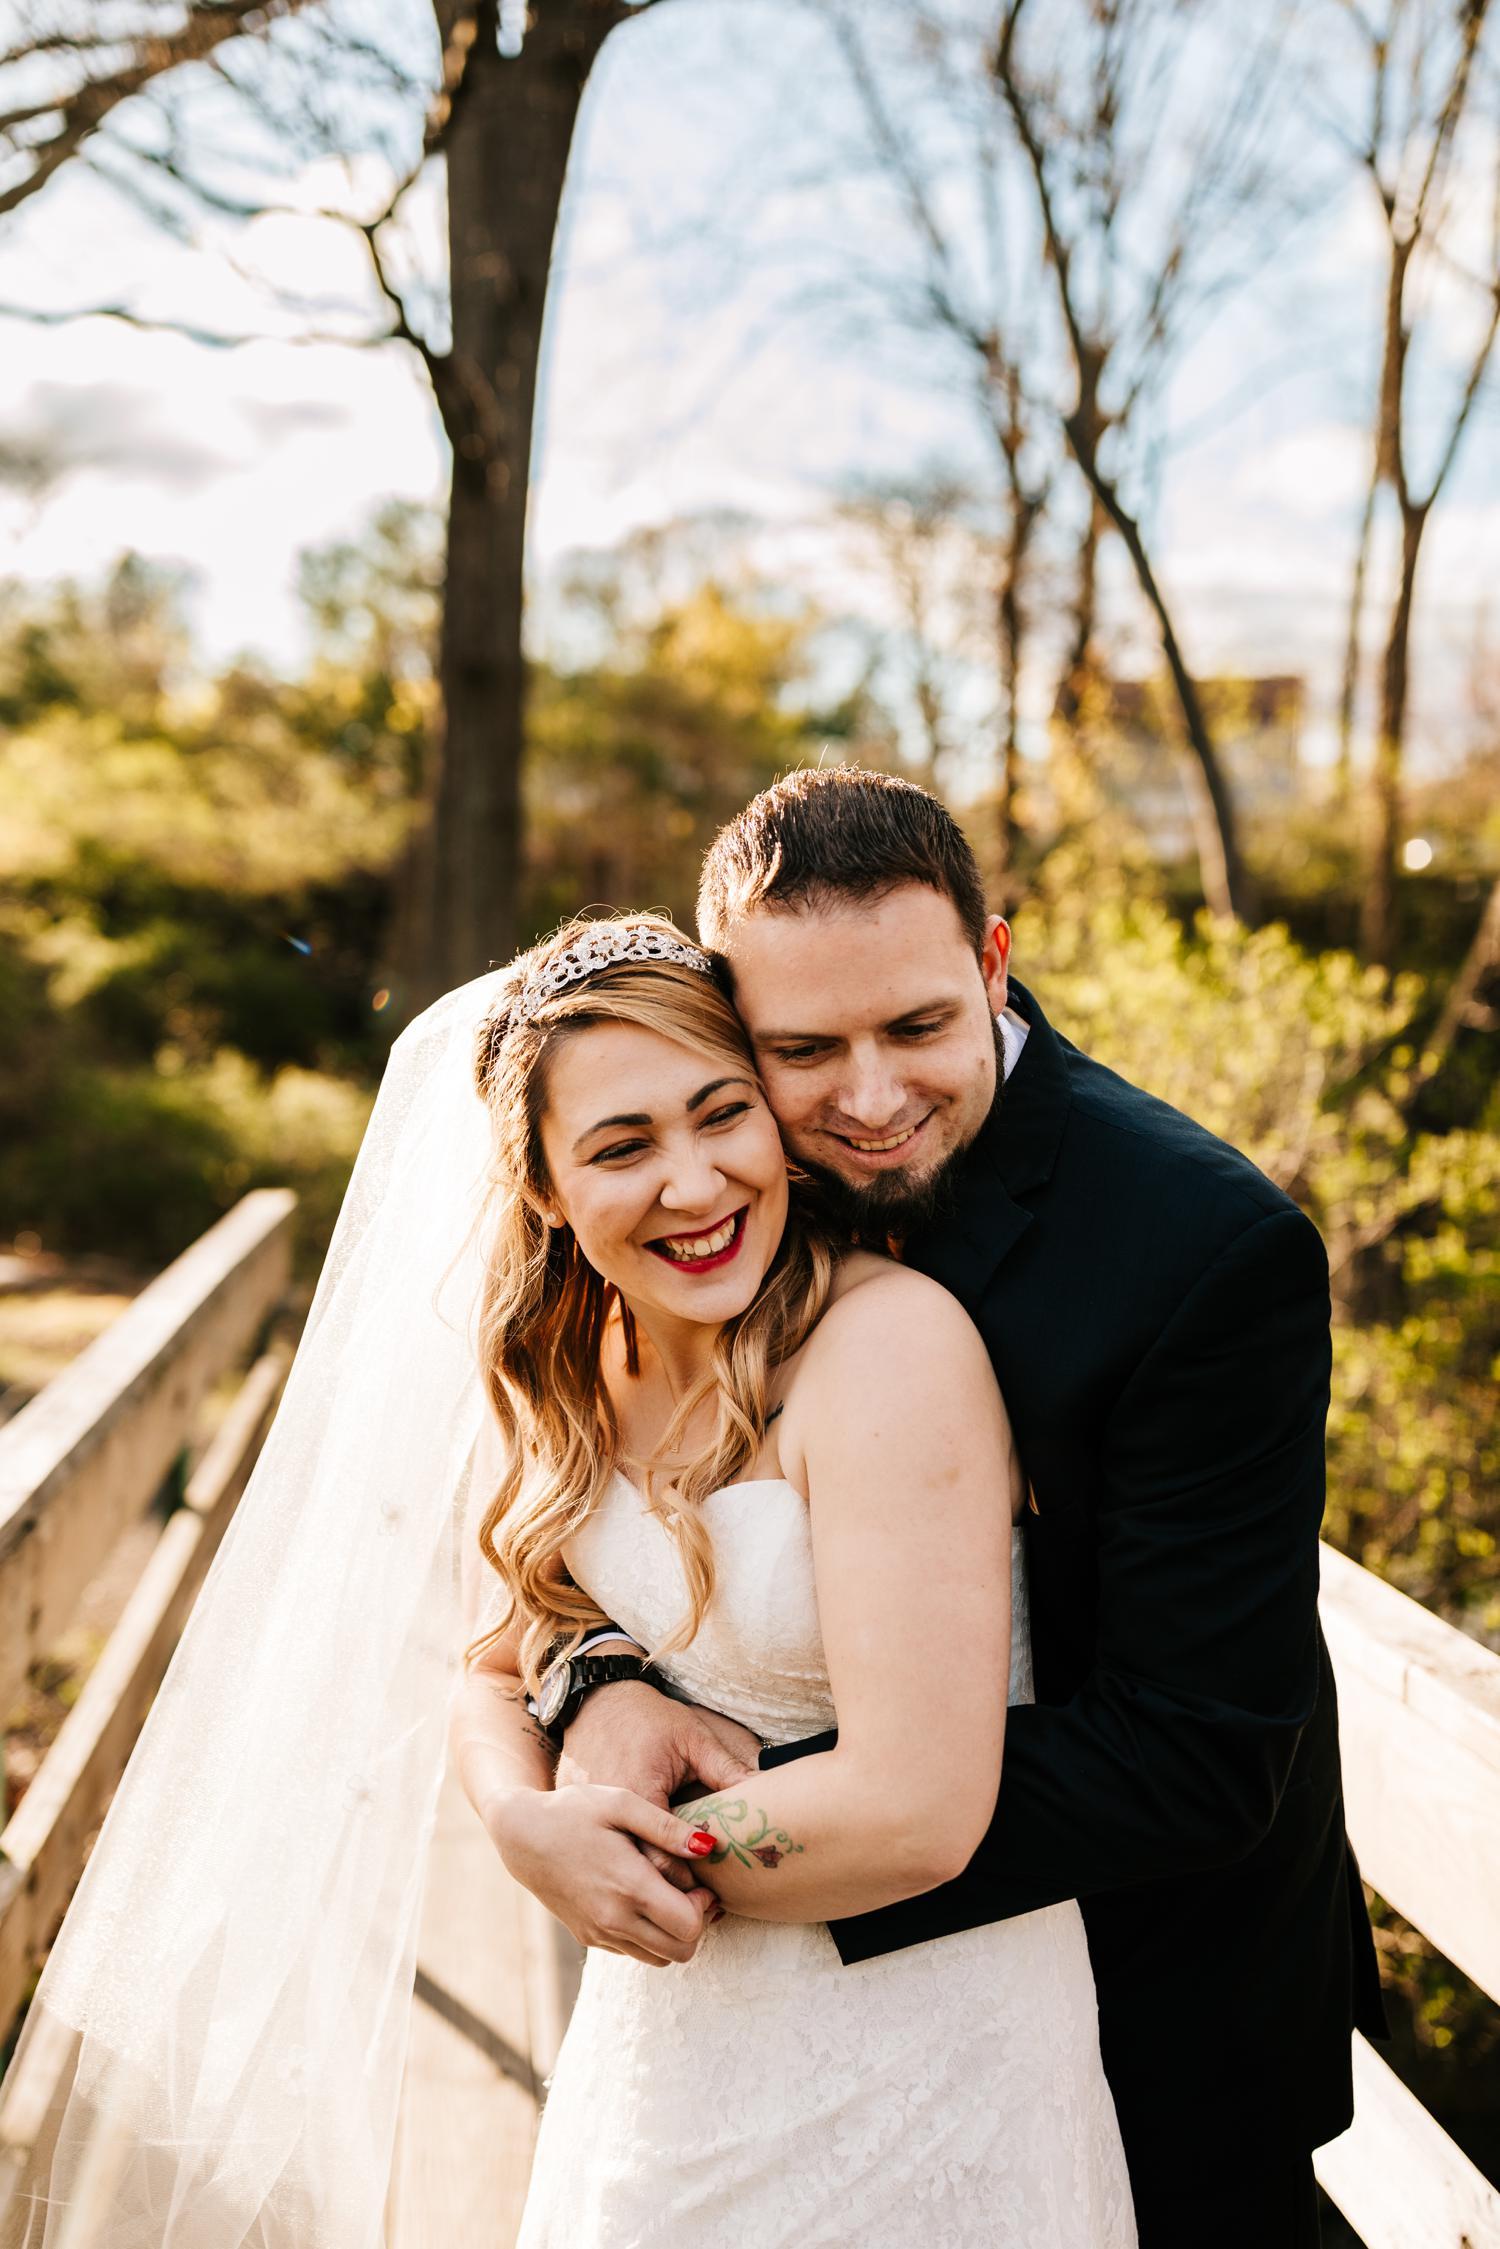 Groom hugging bride on bridge in woods